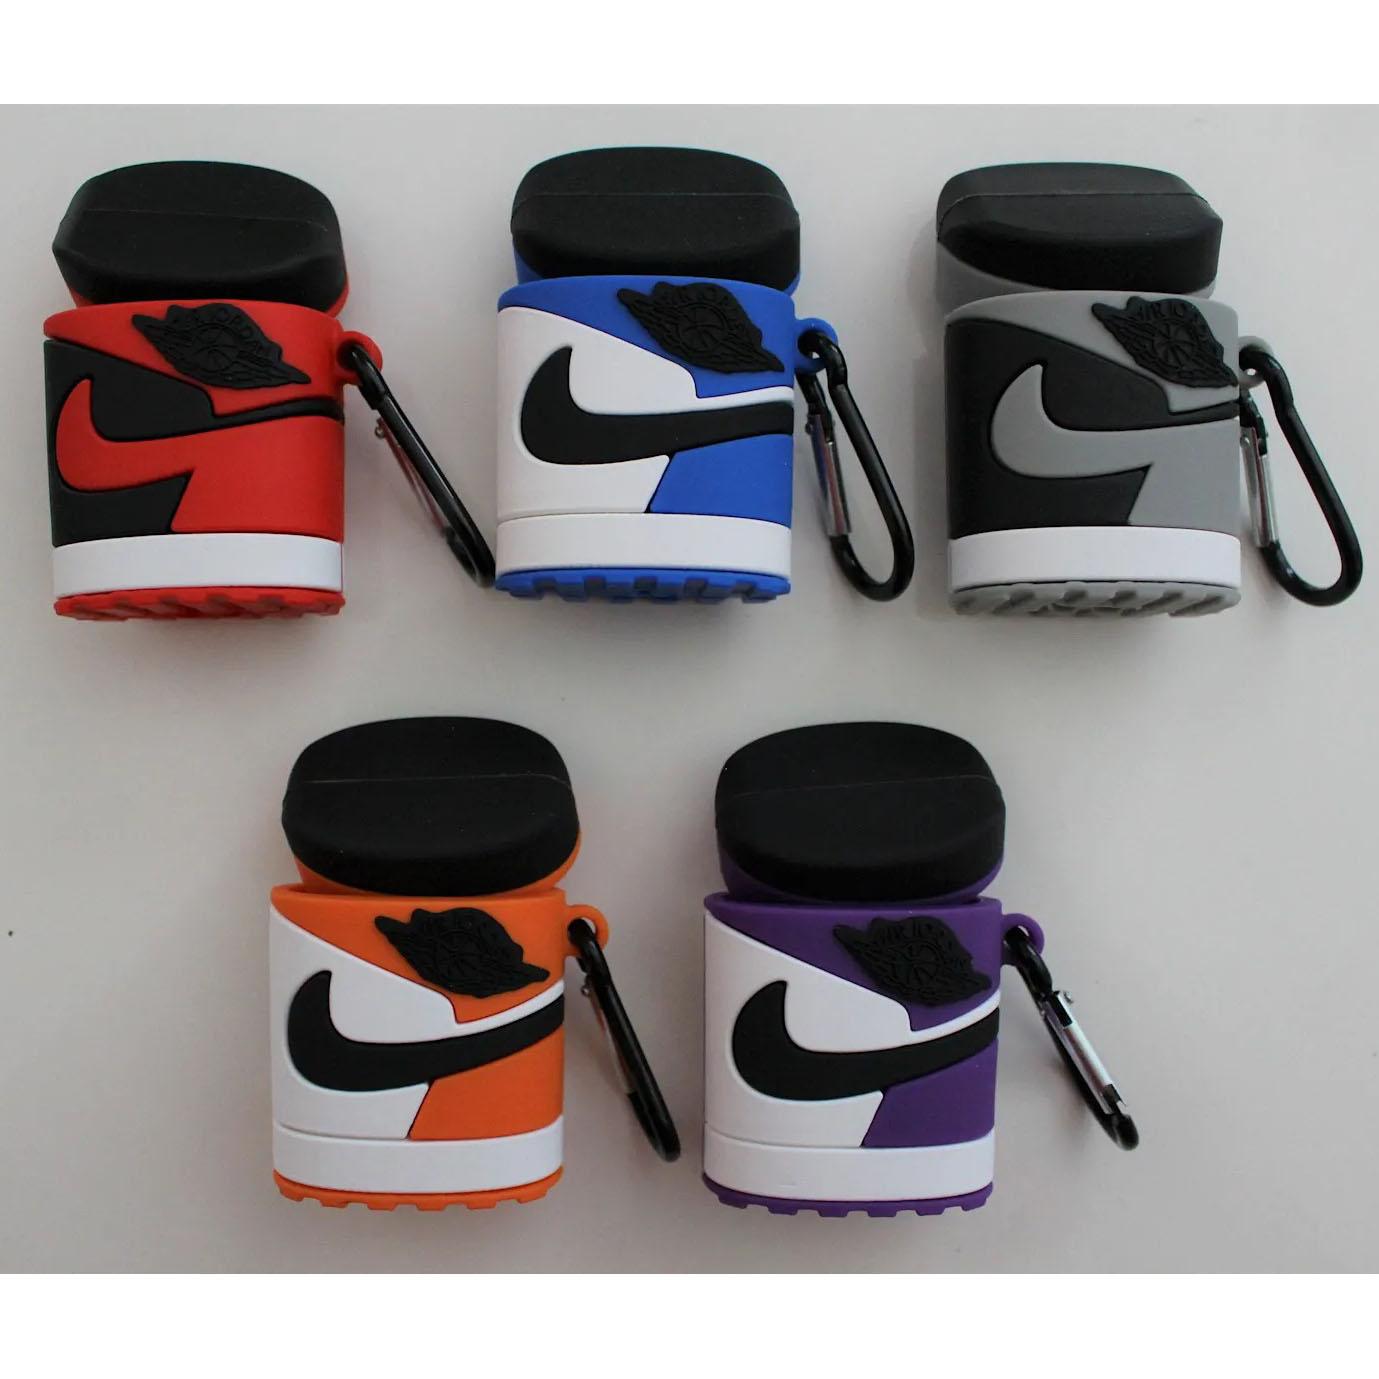 Nike Air Jordan Case Cover